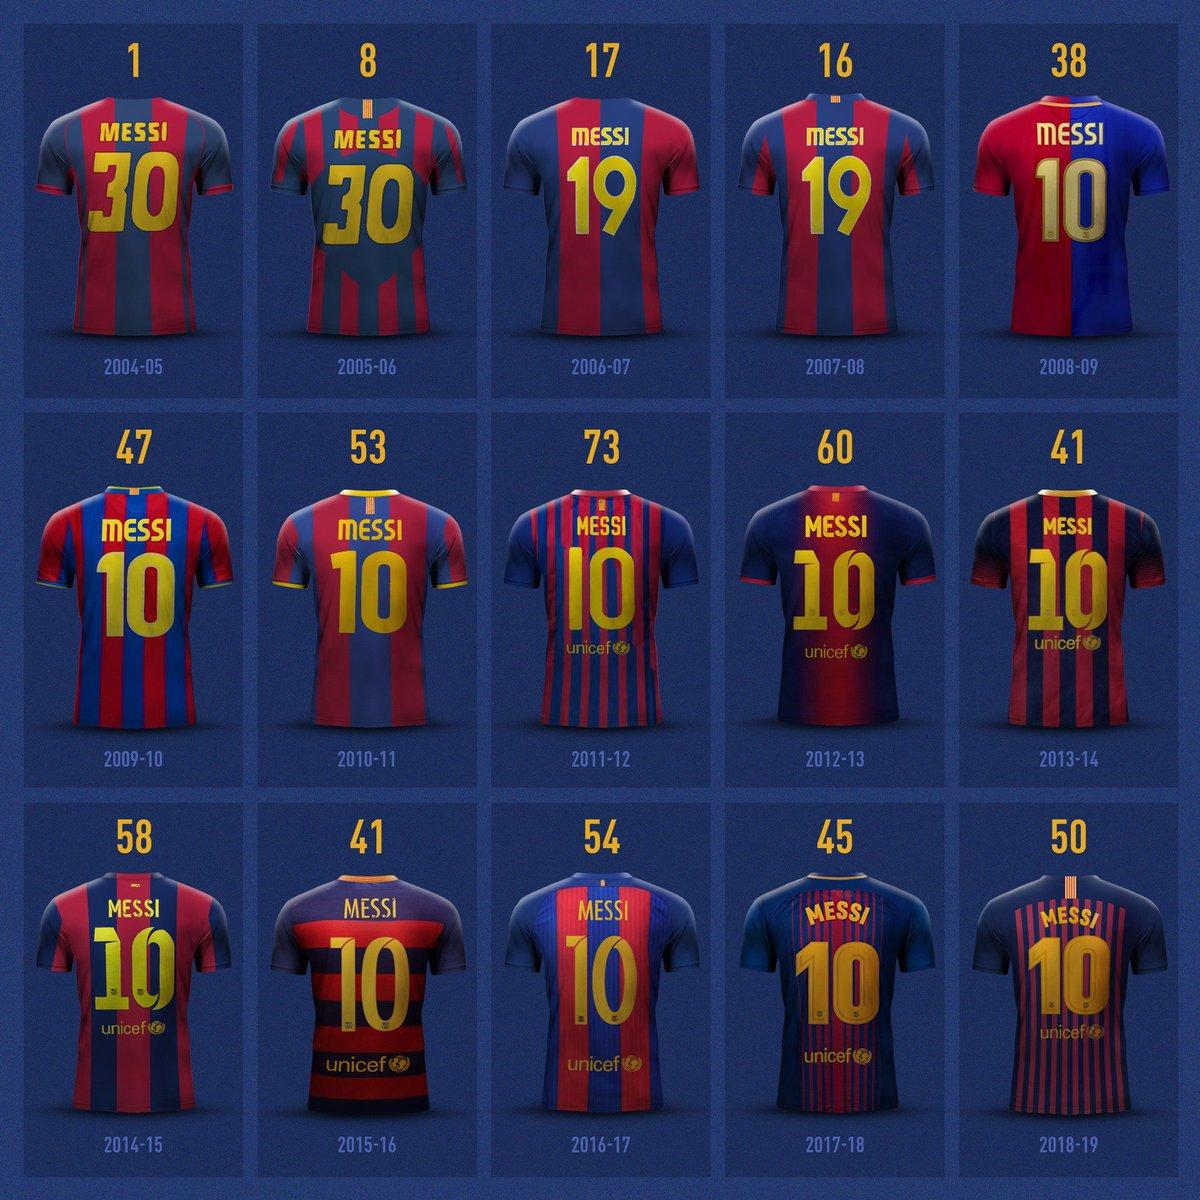 All #Messi goals for #FCBarcelona per season 🔥⚽️